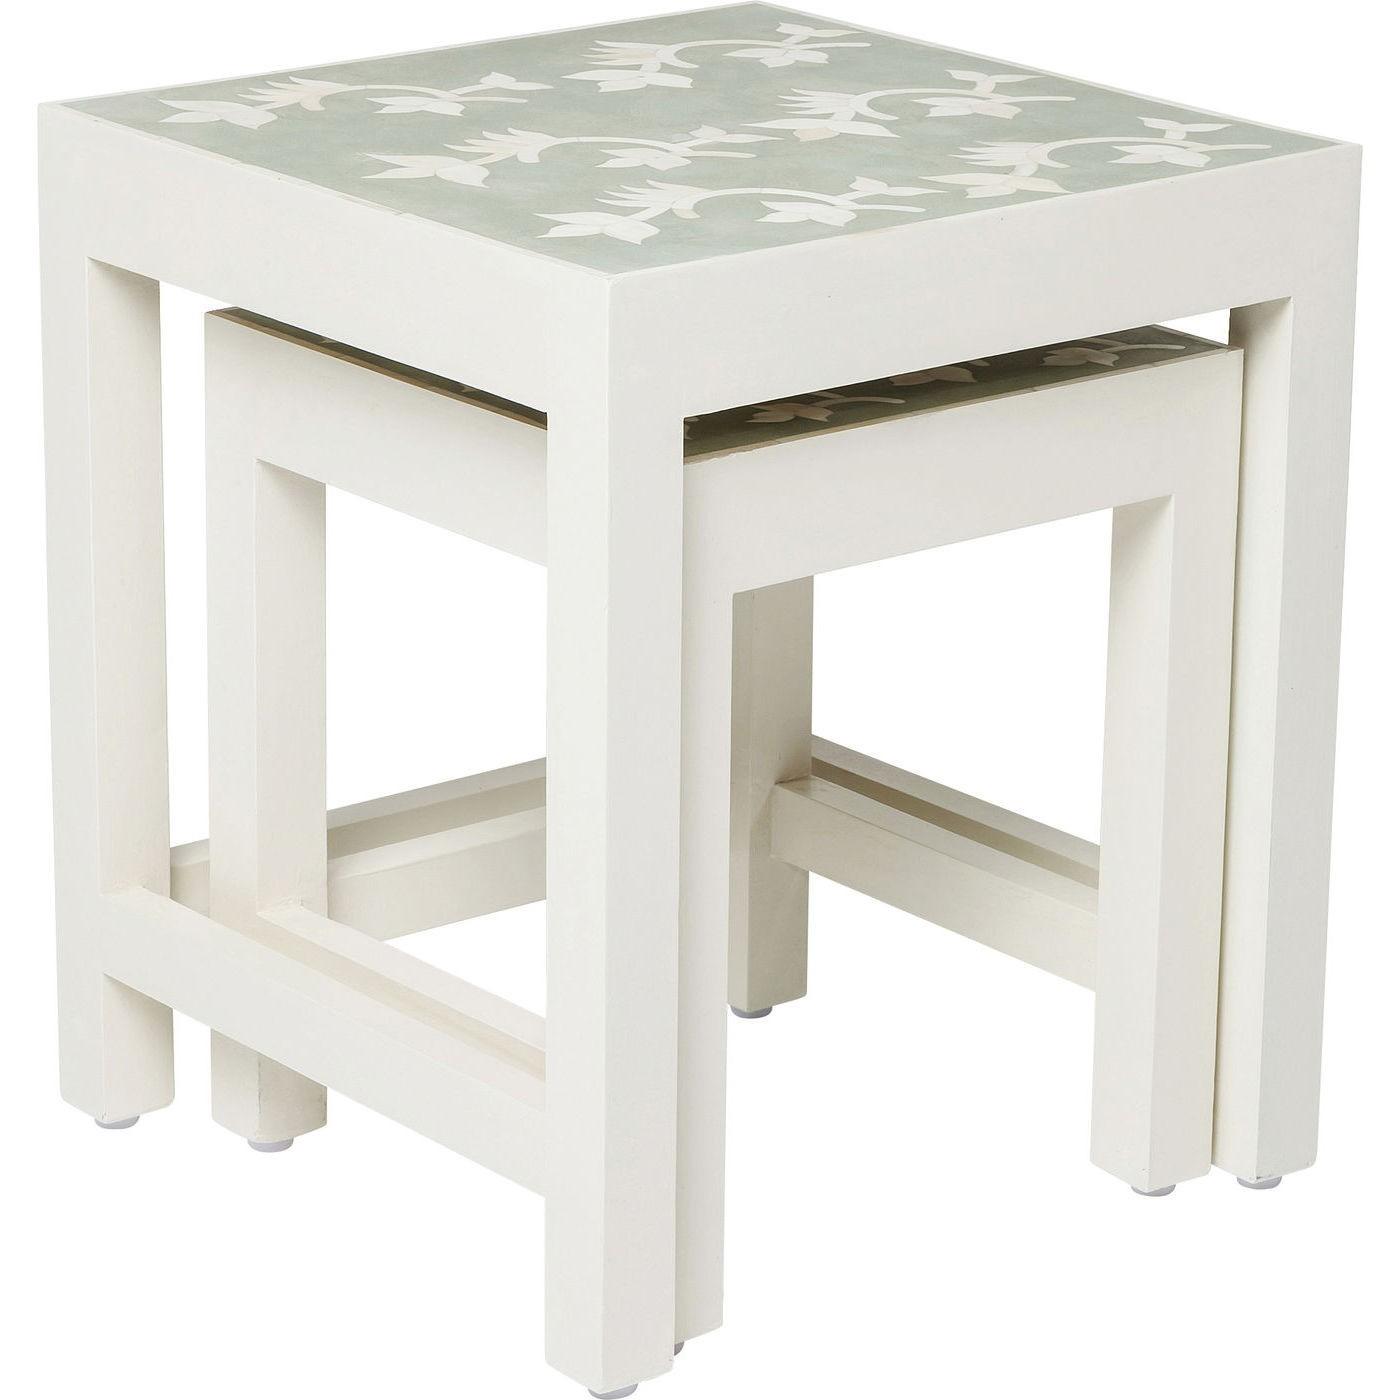 Tables d'appoint Osaka set de 2 Kare Design